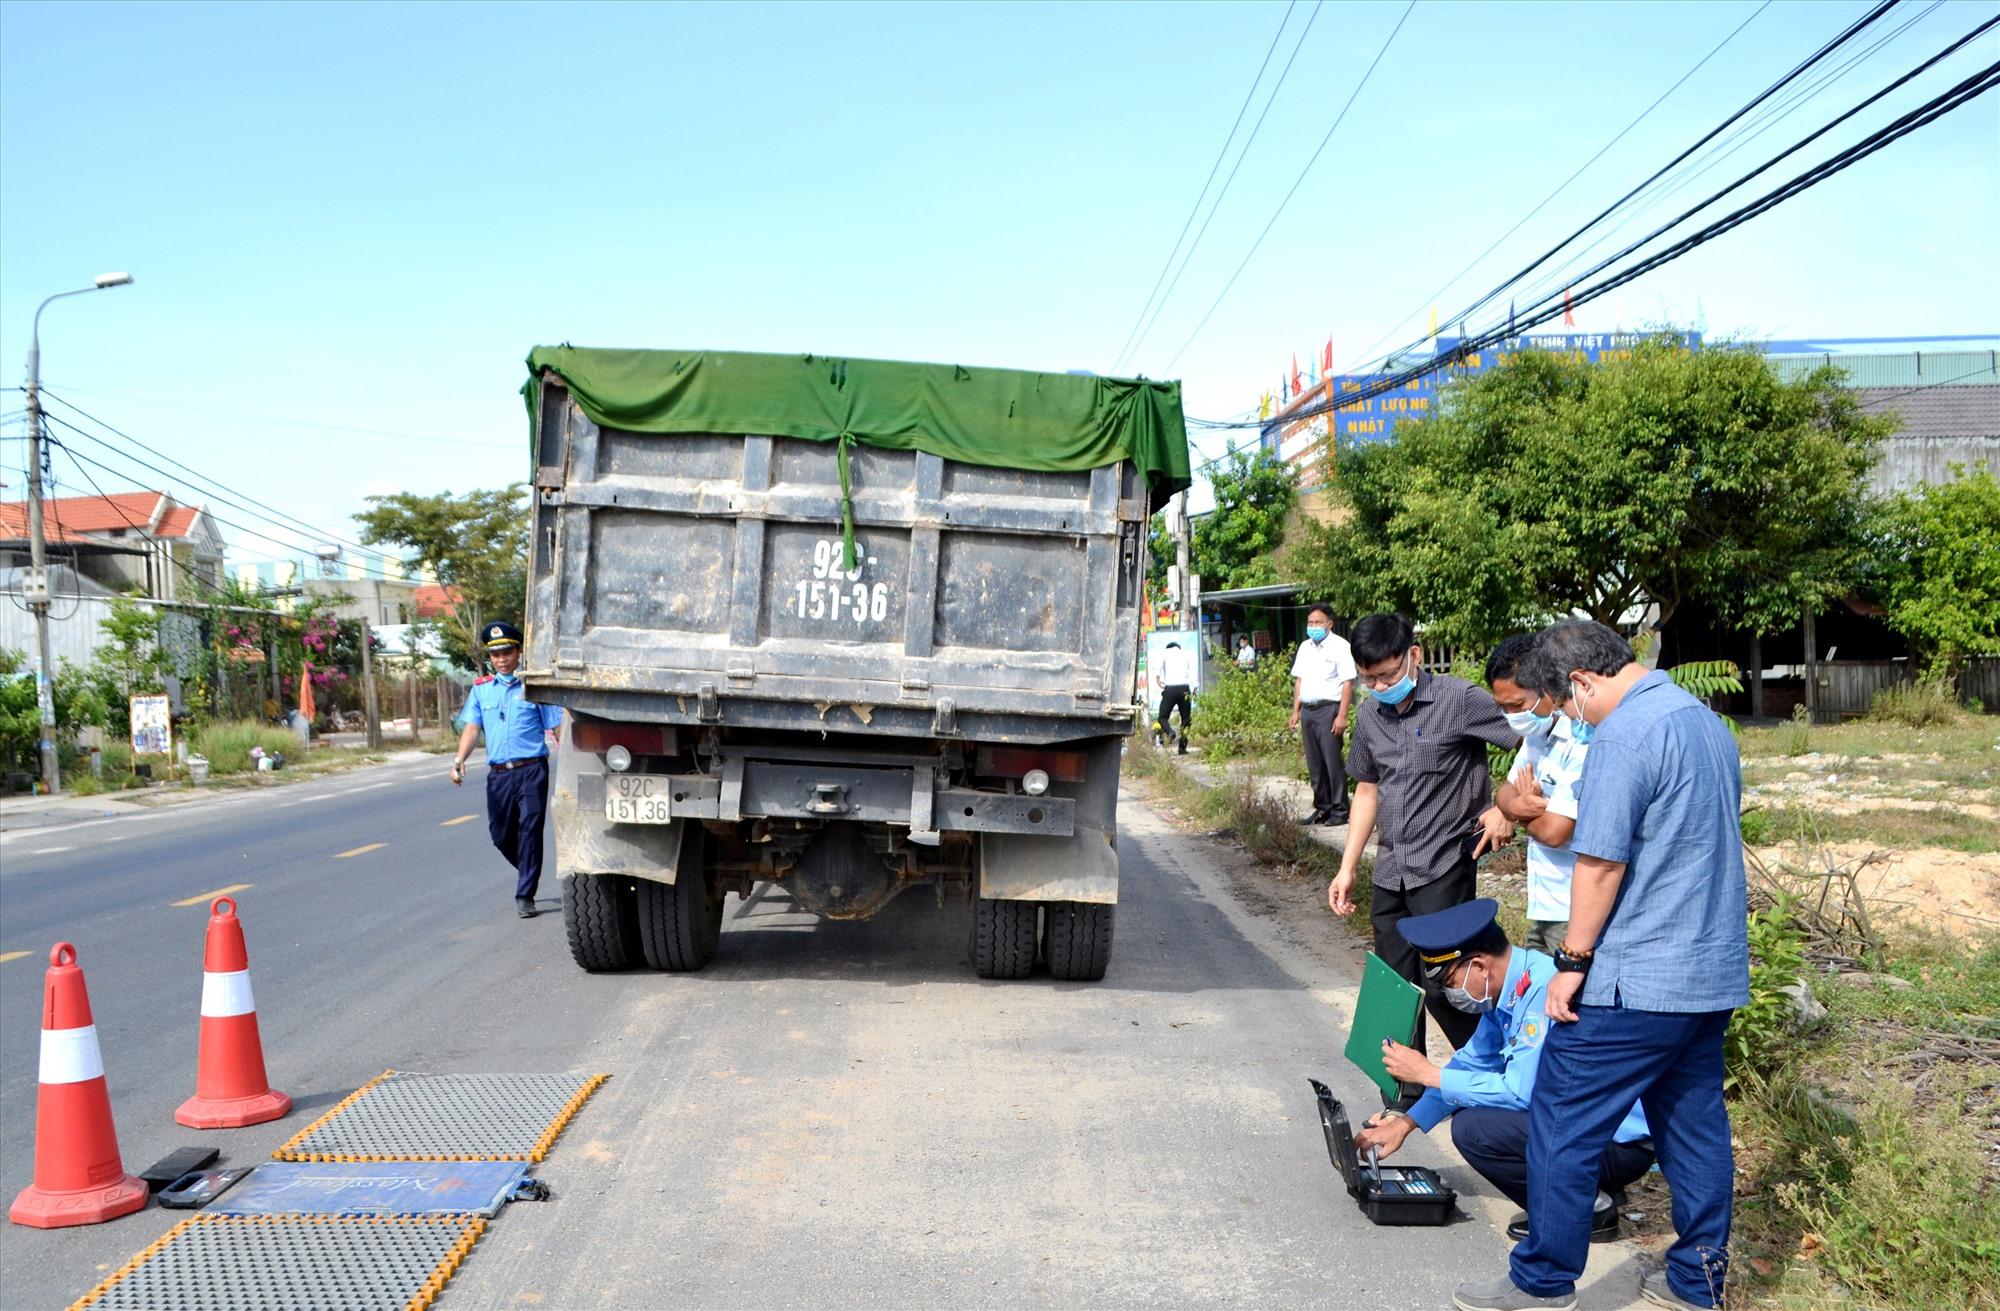 Thanh tra Sở GTVT sử dụng cân xách tay để kiểm tra tải trọng xe trên quốc lộ 40B. Ảnh: T.C.T